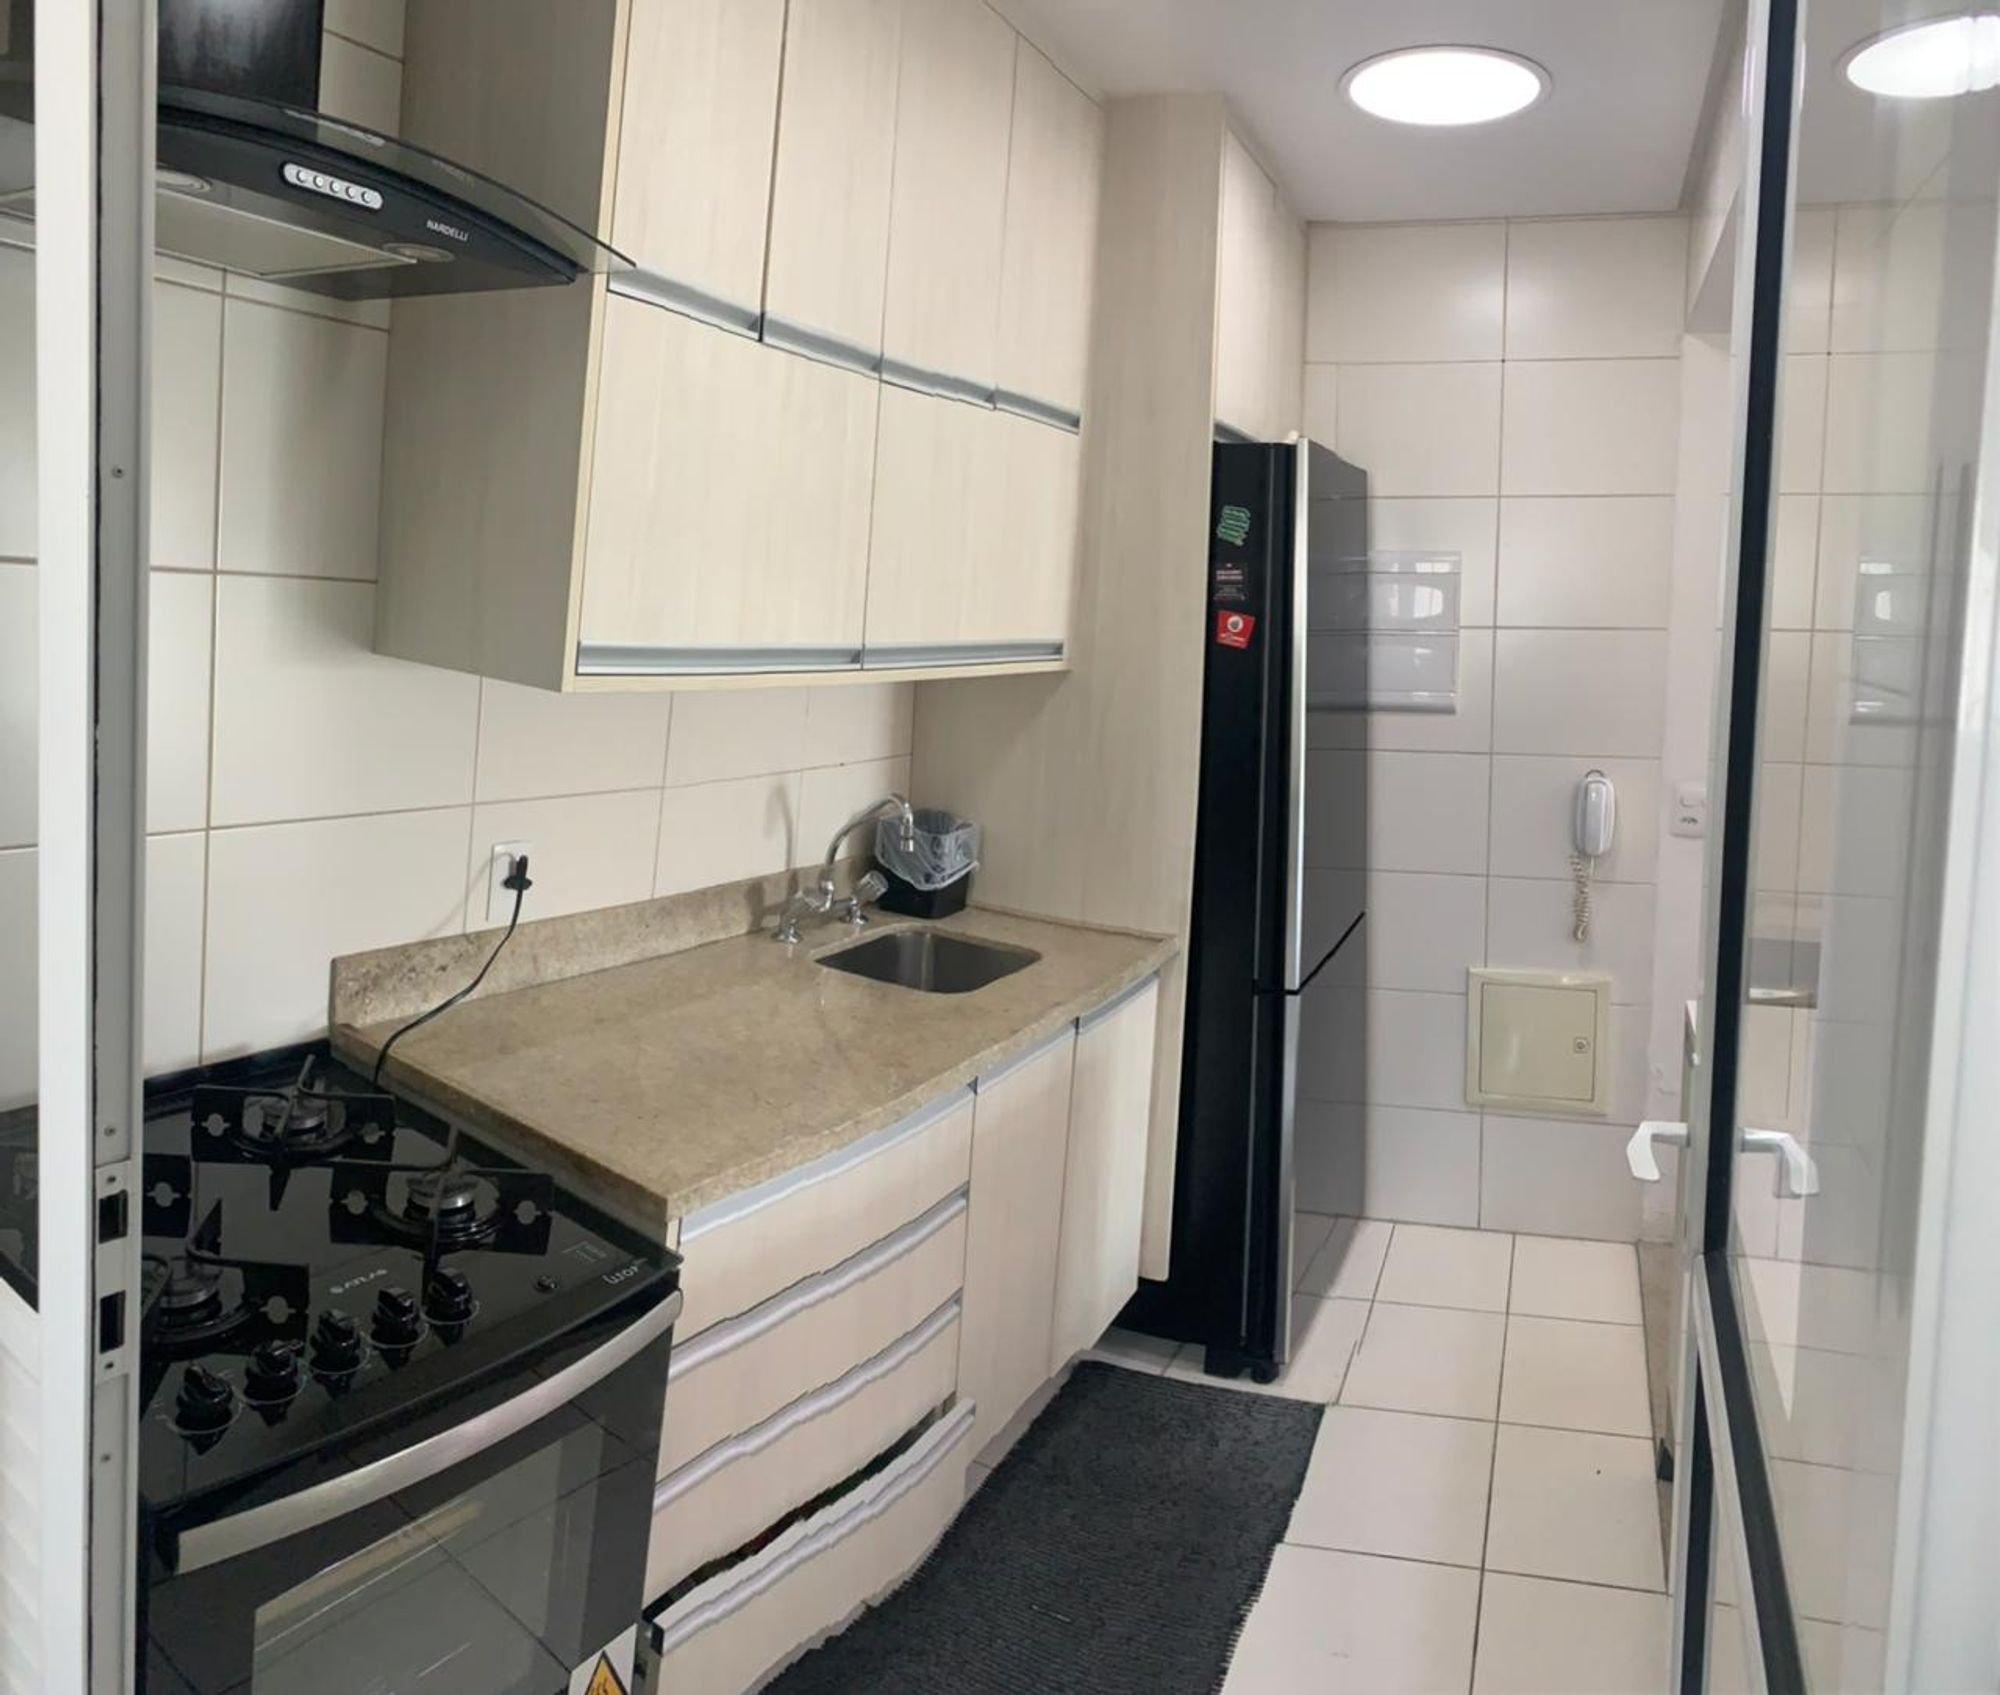 Foto de Cozinha com forno, geladeira, pia